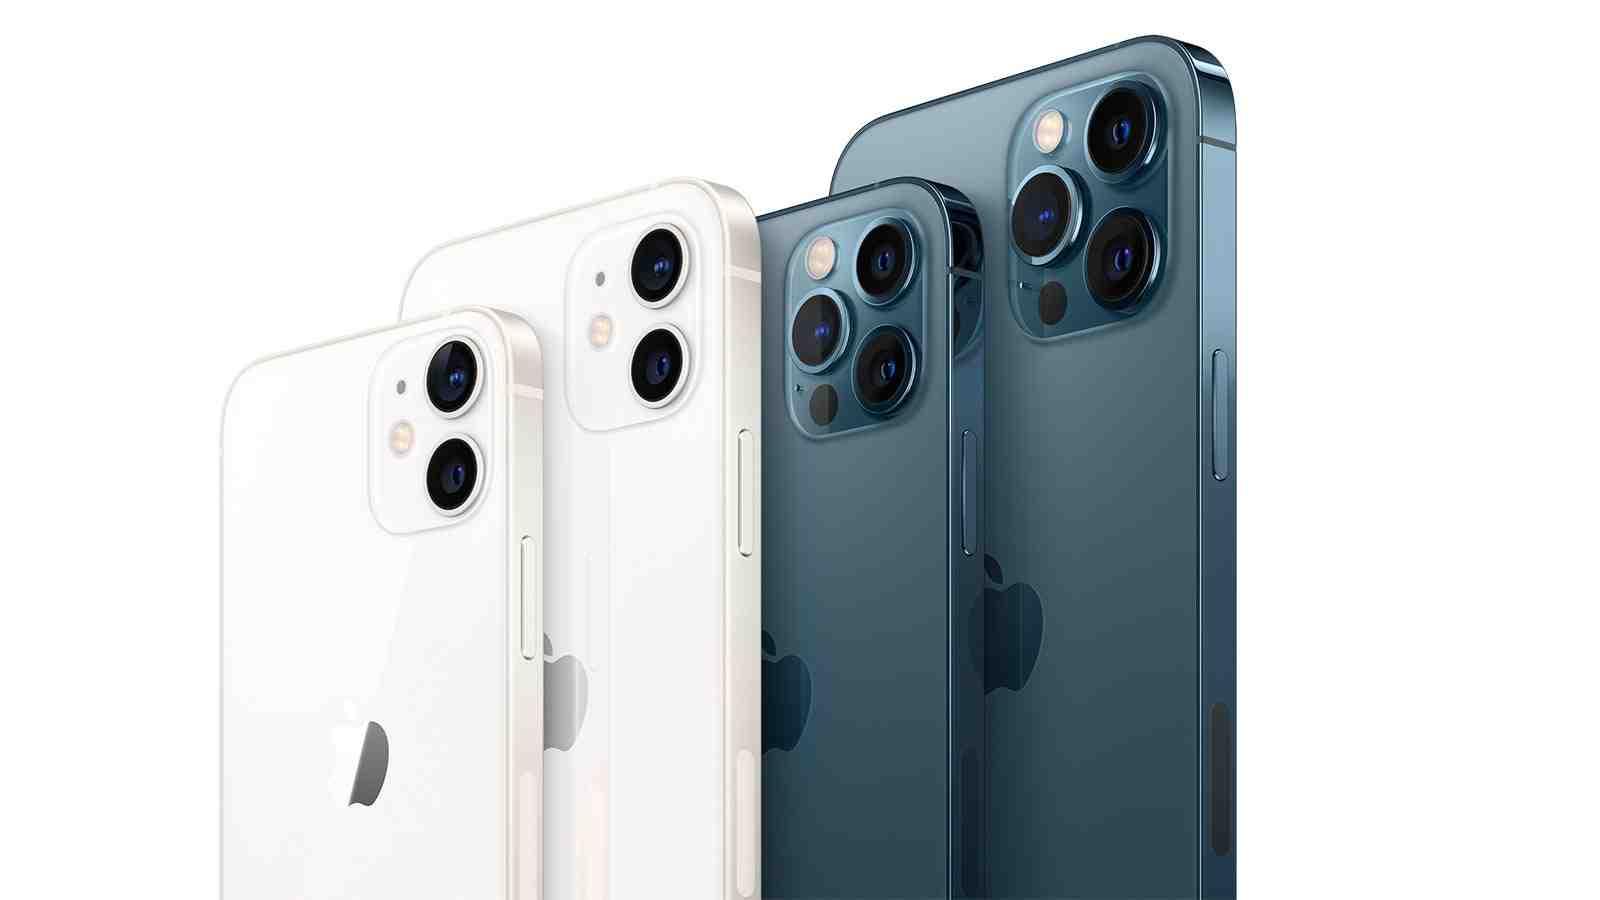 L'iphone 12 pro max supportera-t-il le 5g ?